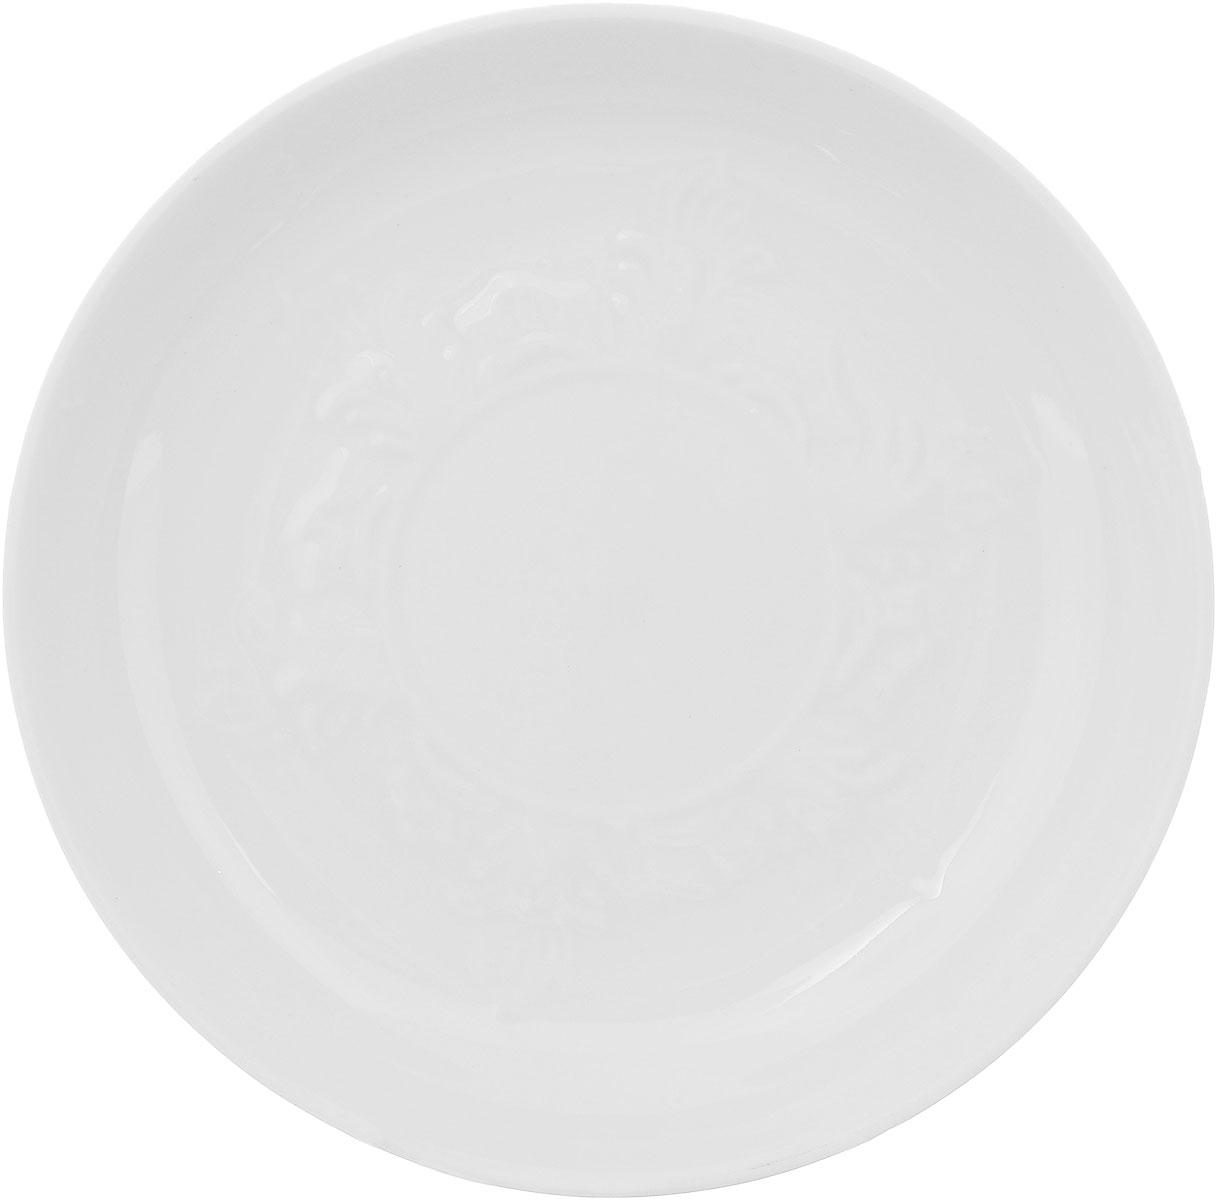 Блюдце Фарфор Вербилок, диаметр 14 см. 55800Б55800ББлюдце Фарфор Вербилок выполнено из высококачественного фарфора. Изделие идеально подойдет для сервировки стола и станет отличным подарком к любому празднику.Диаметр блюдца (по верхнему краю): 14 см.Высота блюдца: 2,5 см.